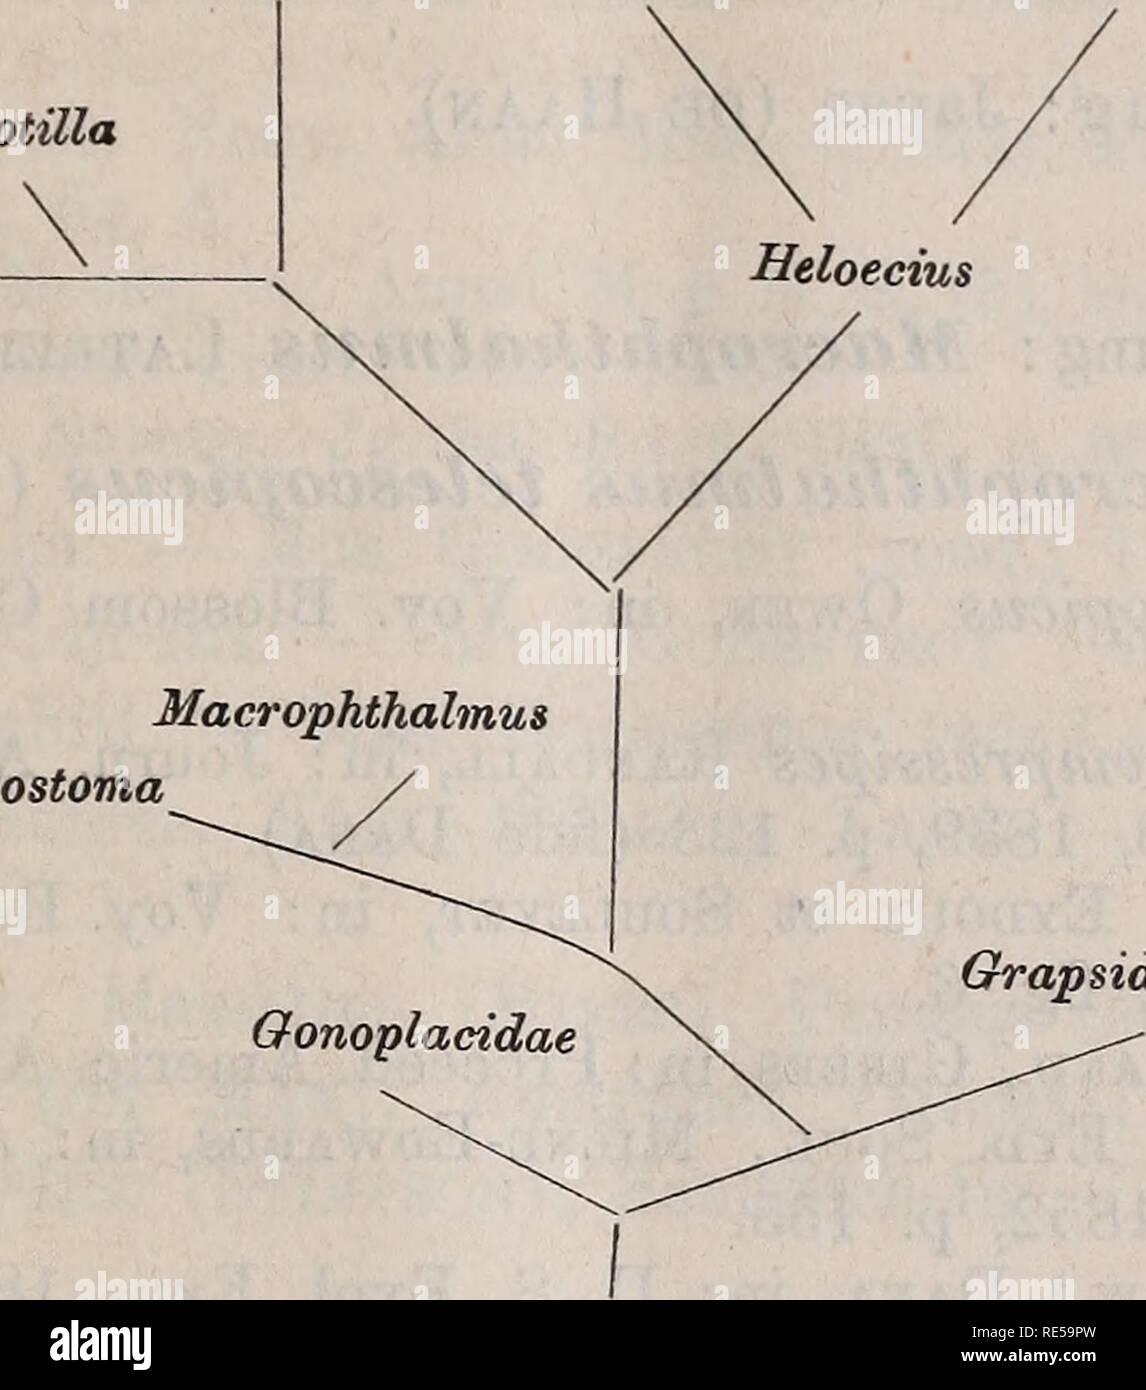 . Crustacea. Zoologische Jahrbücher, 1891-97. Die Decapoden-Krebse des Strassburger Museums. 743 Die Gattungen der Ocypodidae lassen sich in folgendes Verwandt- schaftsschema bringen: Myctiris Gelastmus Ocypode Dotilla Scopimera. Cleistostoma Grapsidae Unterfamilie: Macrophthalminae Dana. Gattung: Cleistostoma de Haan. 1. Cleistostoma dilatatum de Haan. Ocypode (Cleistostoma) dilatata de Haan, Faun, japon., 1850, p. 55, tab. 7, fig. 3. Cleistostoma dilatatum d. H., Milne-Edwards, in: Annal. Sc. Nat. (3) Zool., T. 18, 1852, p. 160. Meine Exemplare stimmen mit den Abbildungen bei de Haan gut übe - Stock Image